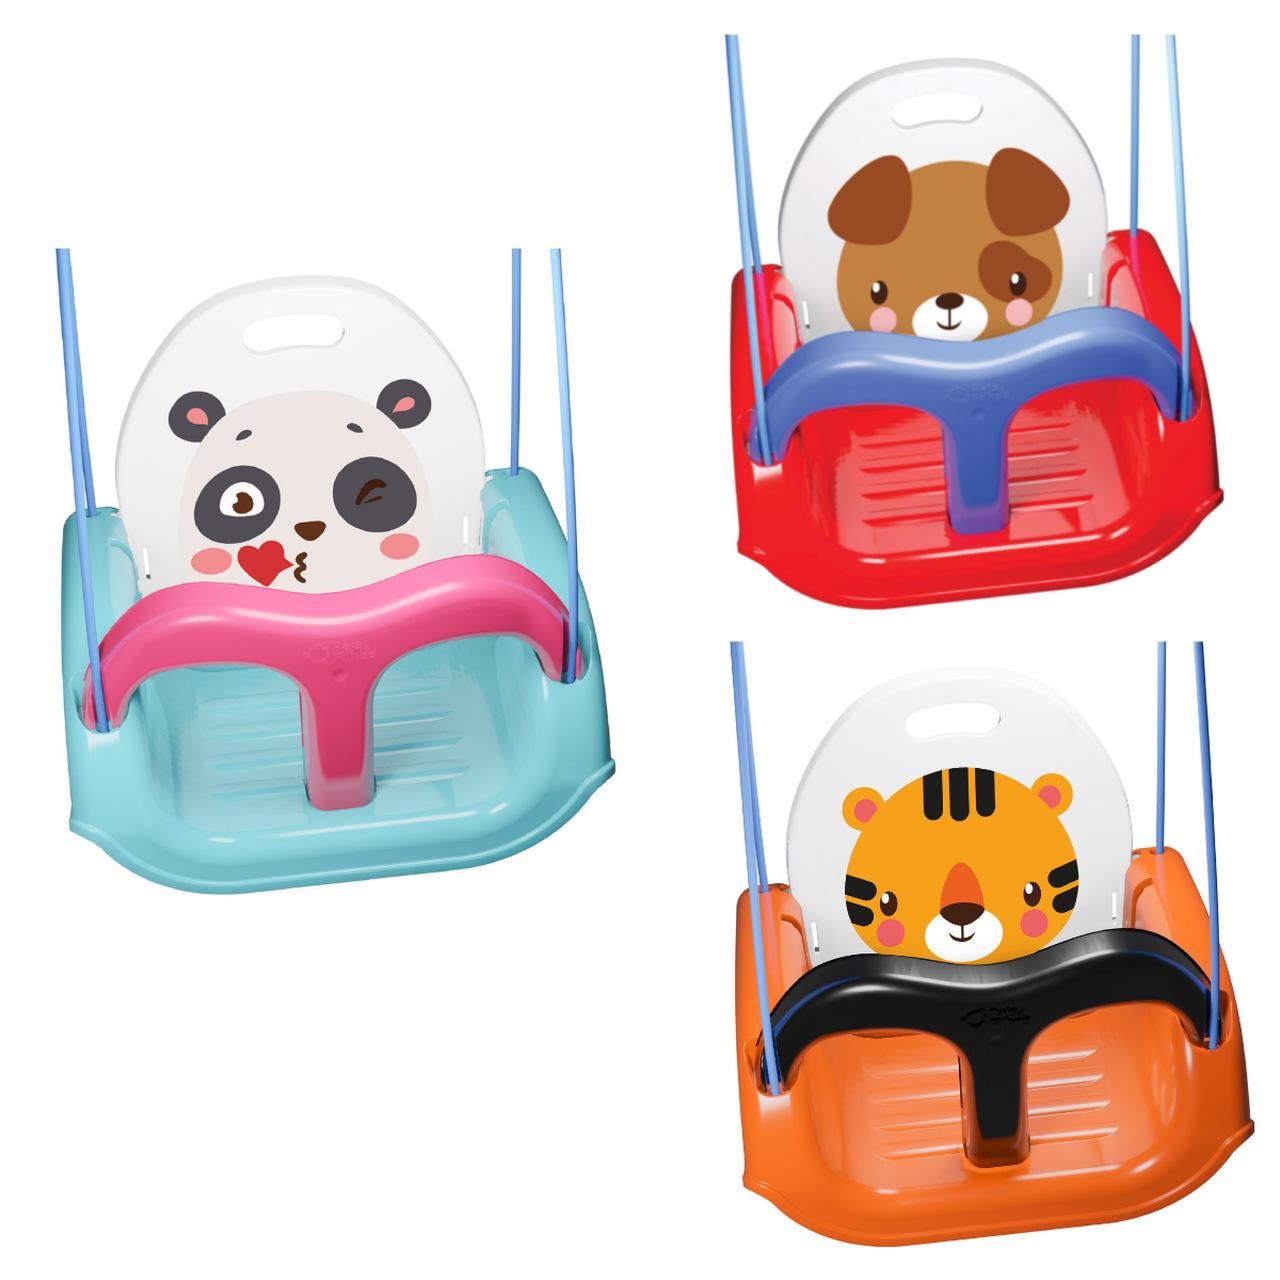 Balanço Infantil Animais Fofos Cinto De Segurança Meu Balancinho